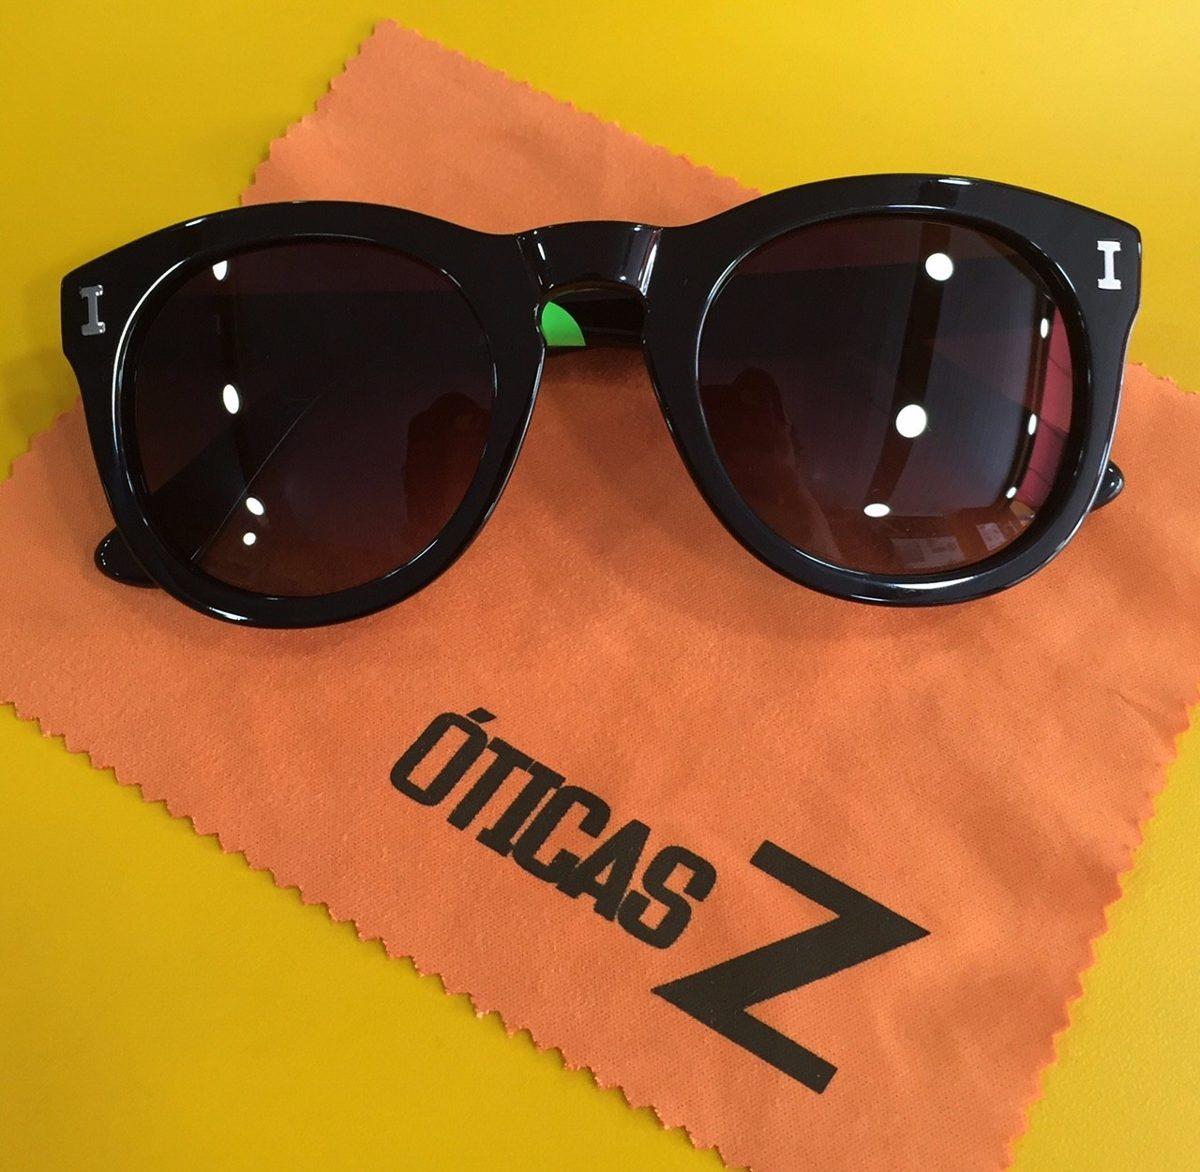 d2228c676 Óculos De Sol Opera Chic Original - Mmbq1621s - Moda - R$ 170,90 em ...